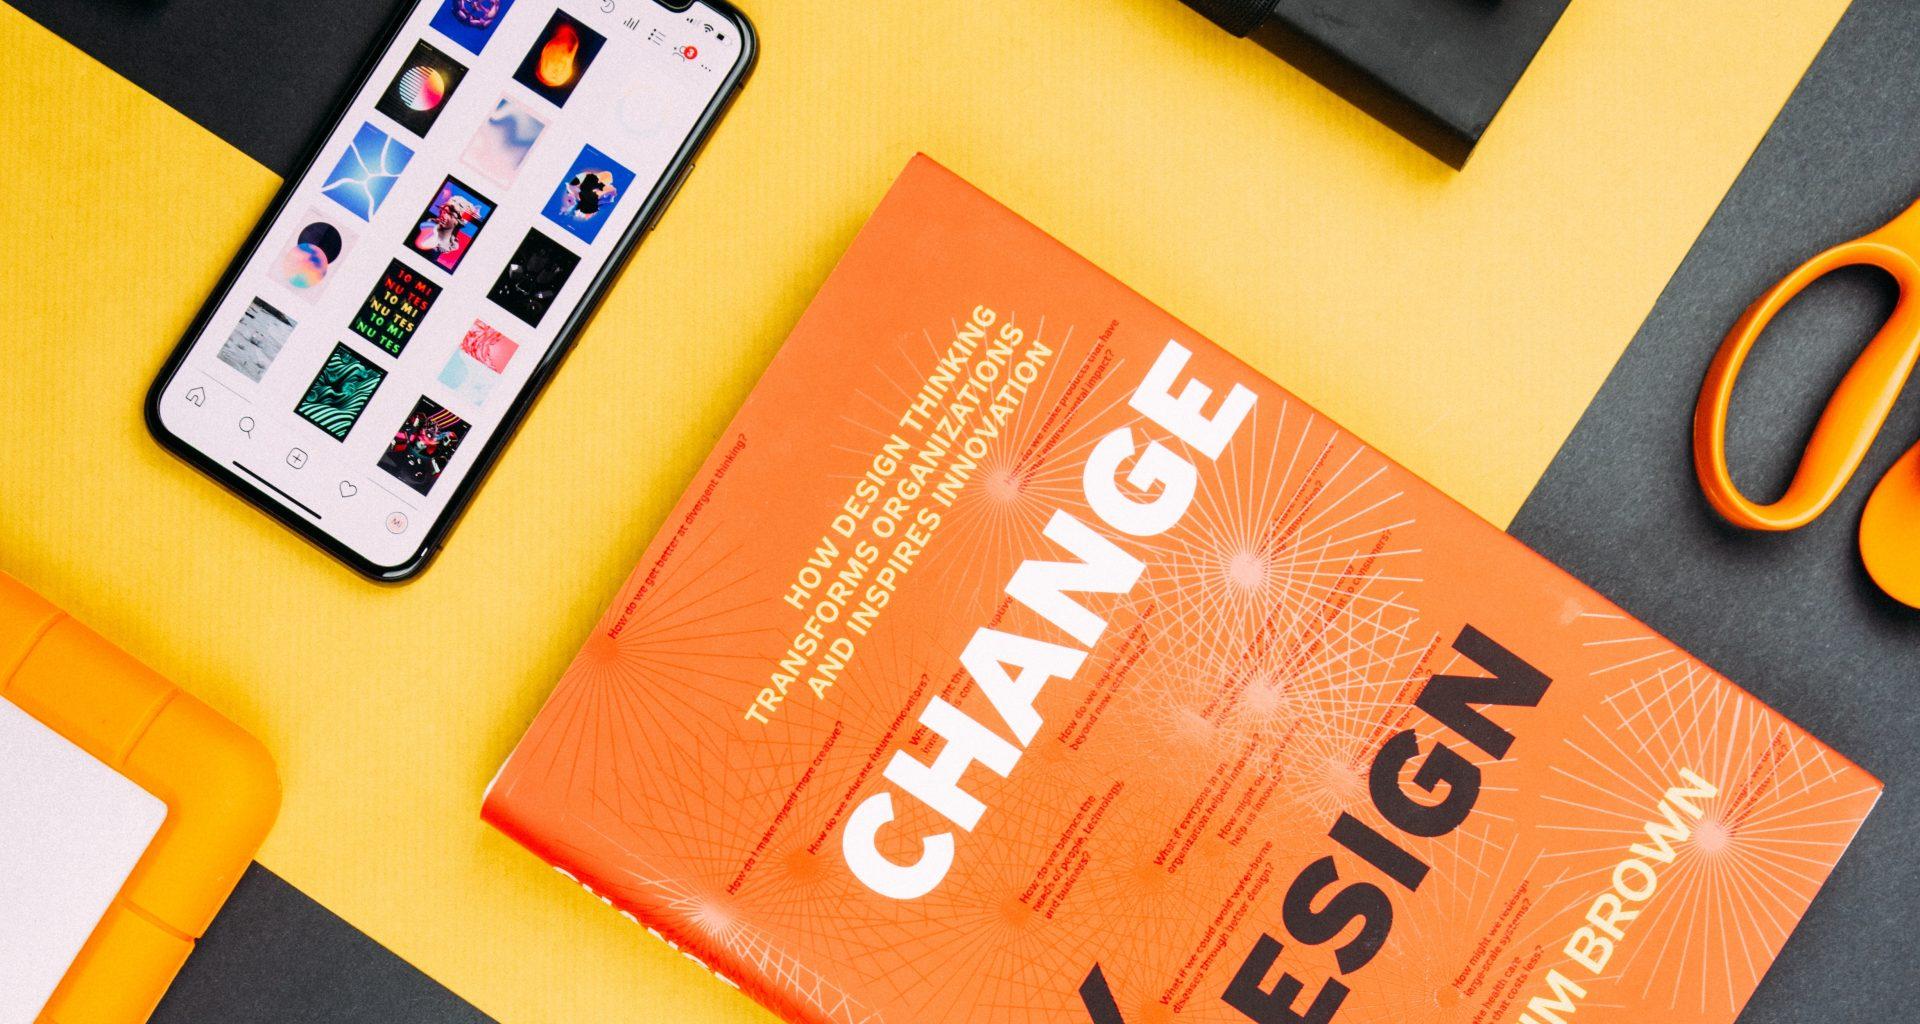 Как стать UI/UX-дизайнером: от заказов за 500 рублей к собственному онлайн-бизнесу